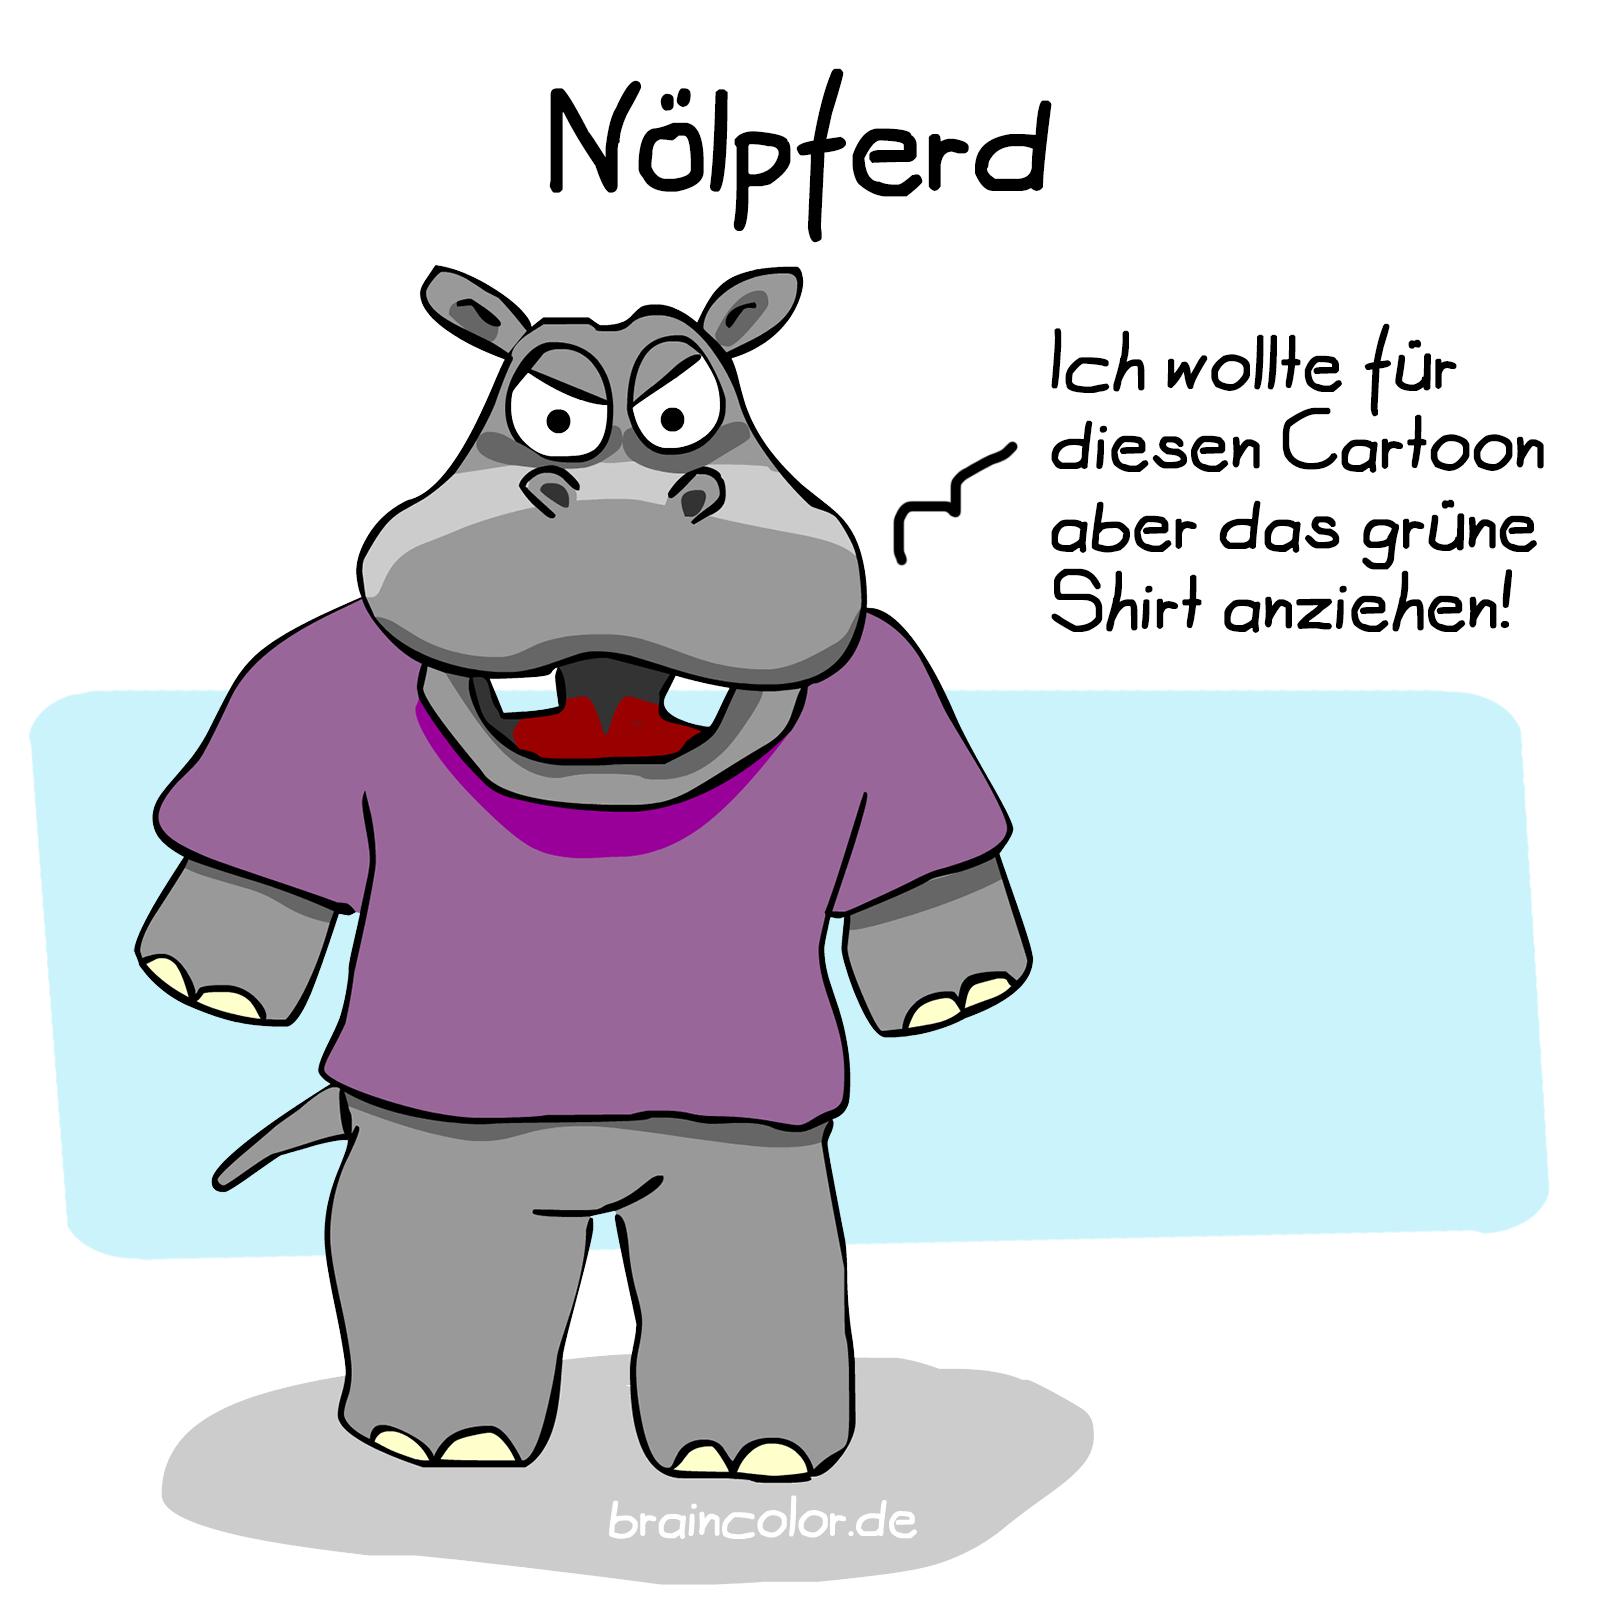 nölpferd